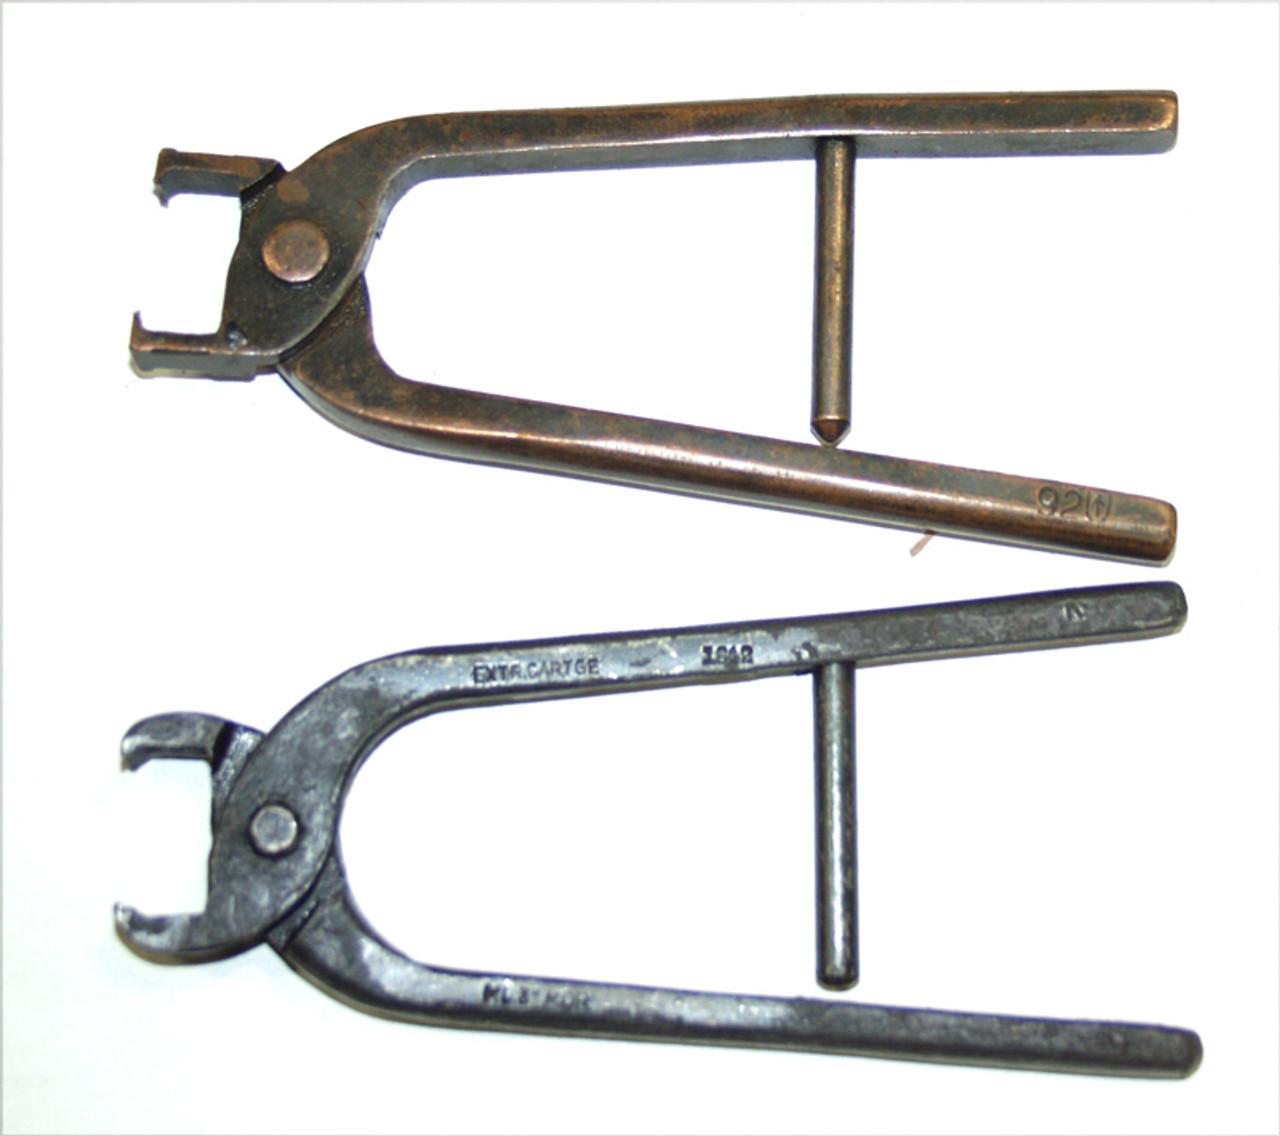 Extractor cartridge - Mortar